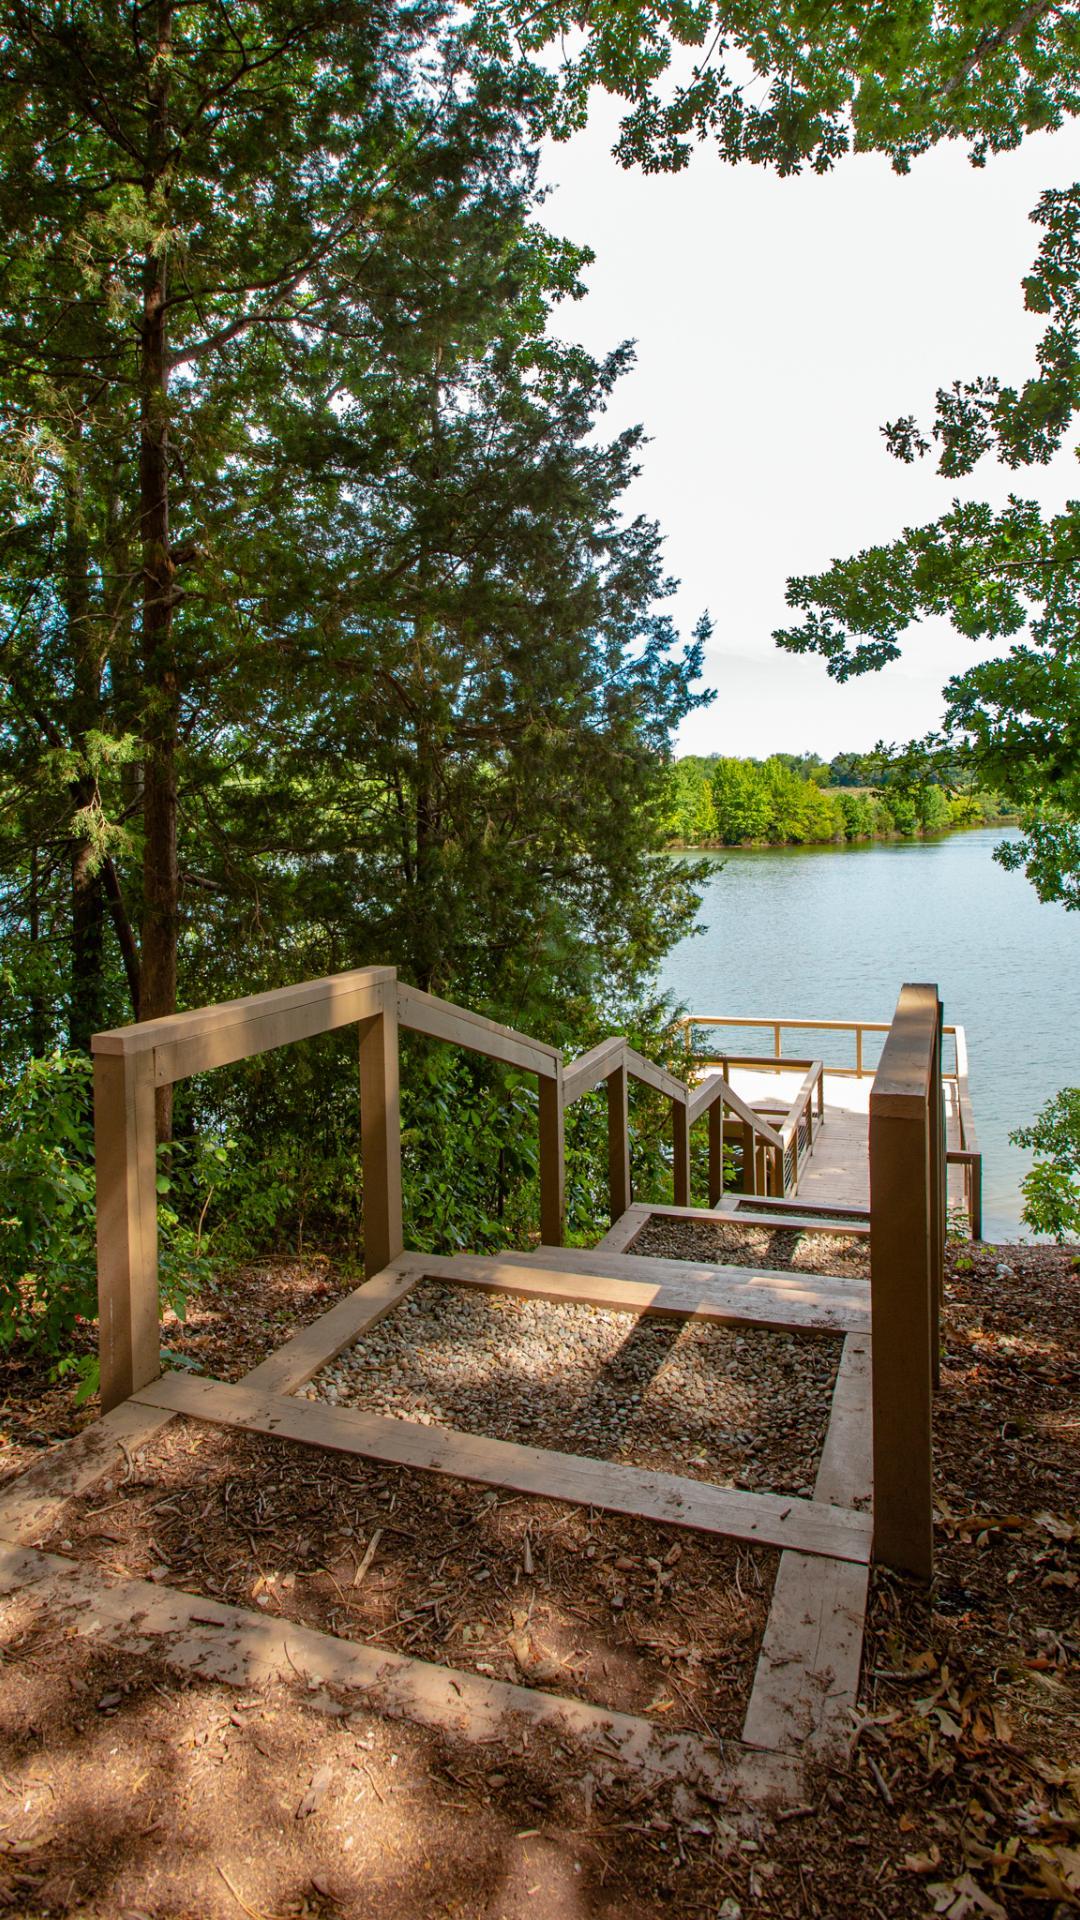 Enjoy kayaking and fishing at Holding Lake